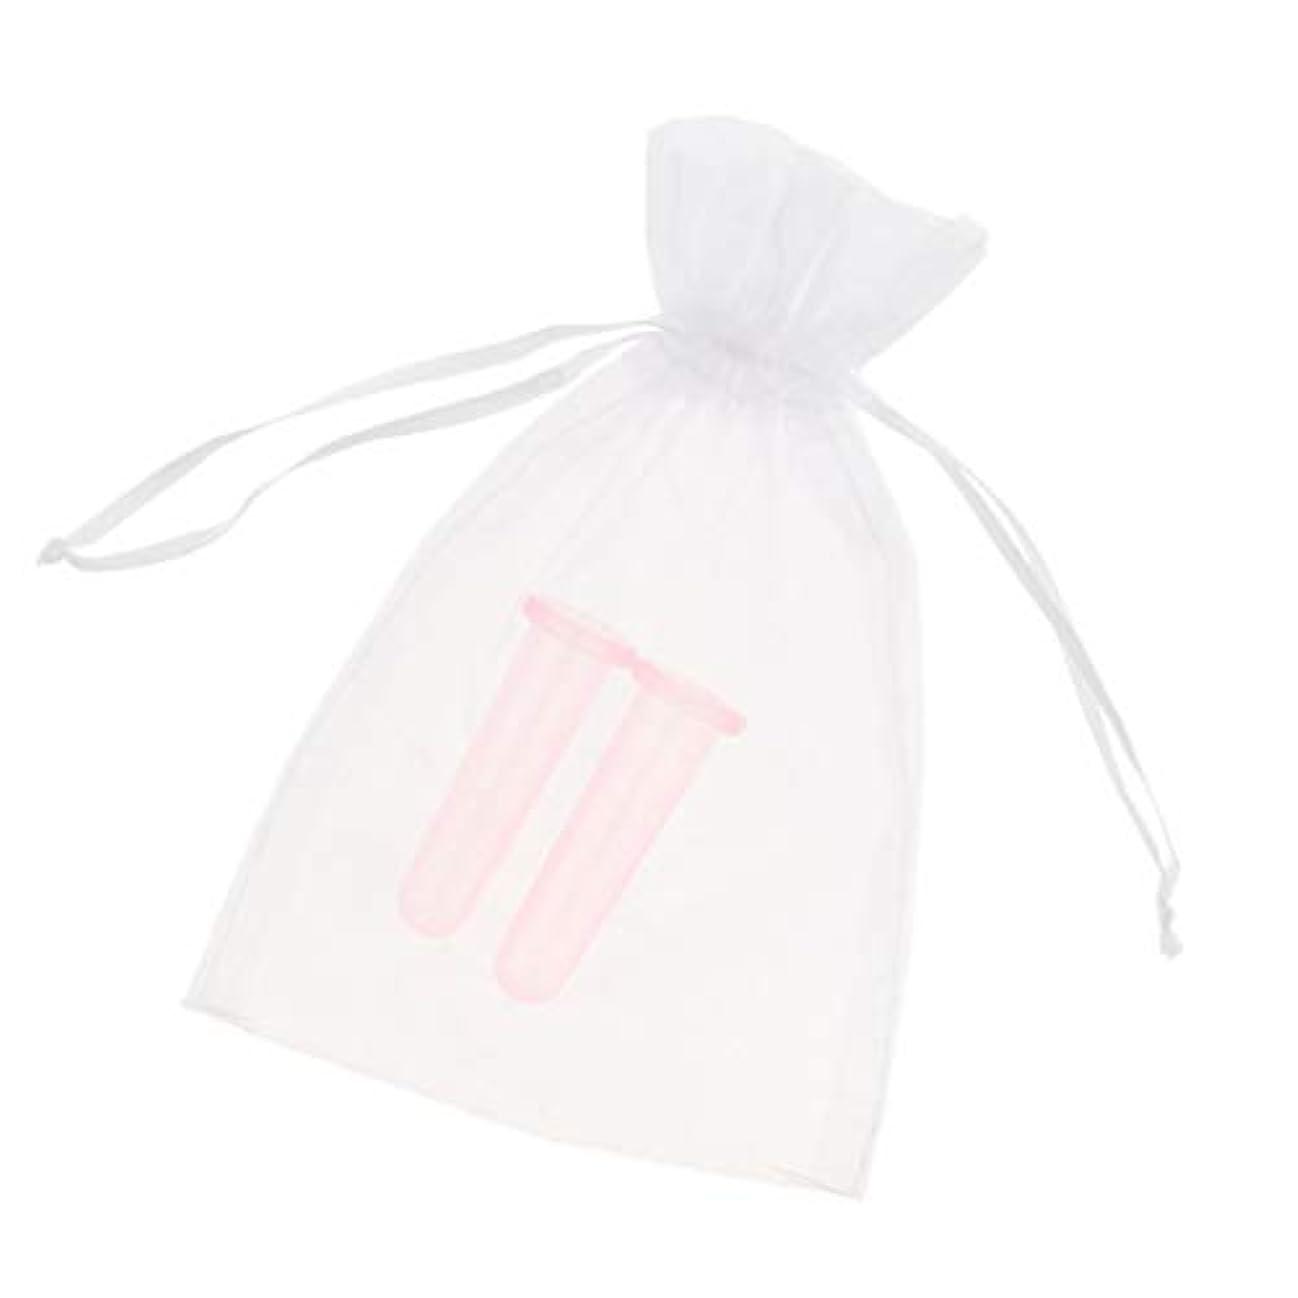 かび臭い摂動終了しました全2色 シリコーン製 真空 顔用マッサージ カッピング 吸い玉カップ カッピング 収納ポーチ付き 2個 - ピンク